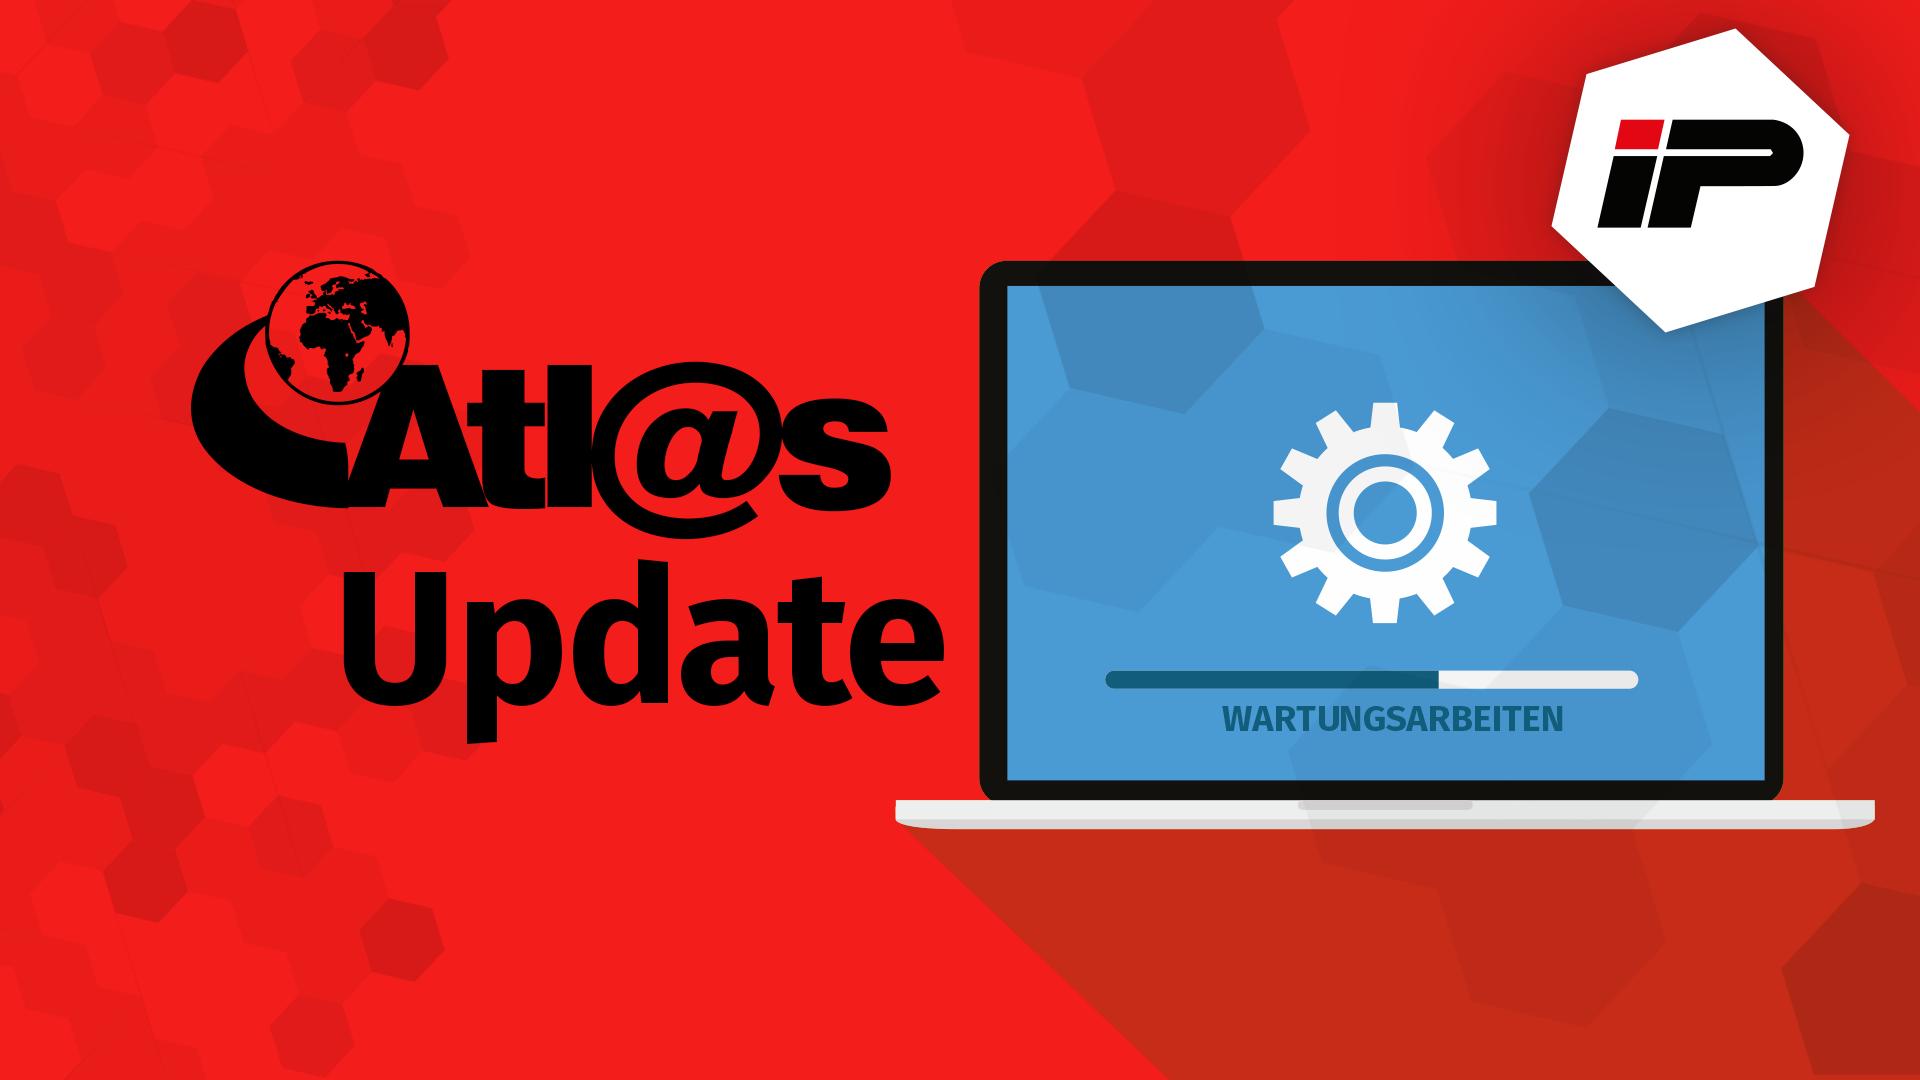 Dringende Wartungsarbeiten am Donnerstag, den 11.03.2021 ATLAS Einfuhr, EAS, Versand (NCTS) und Ausfuhr (AES)